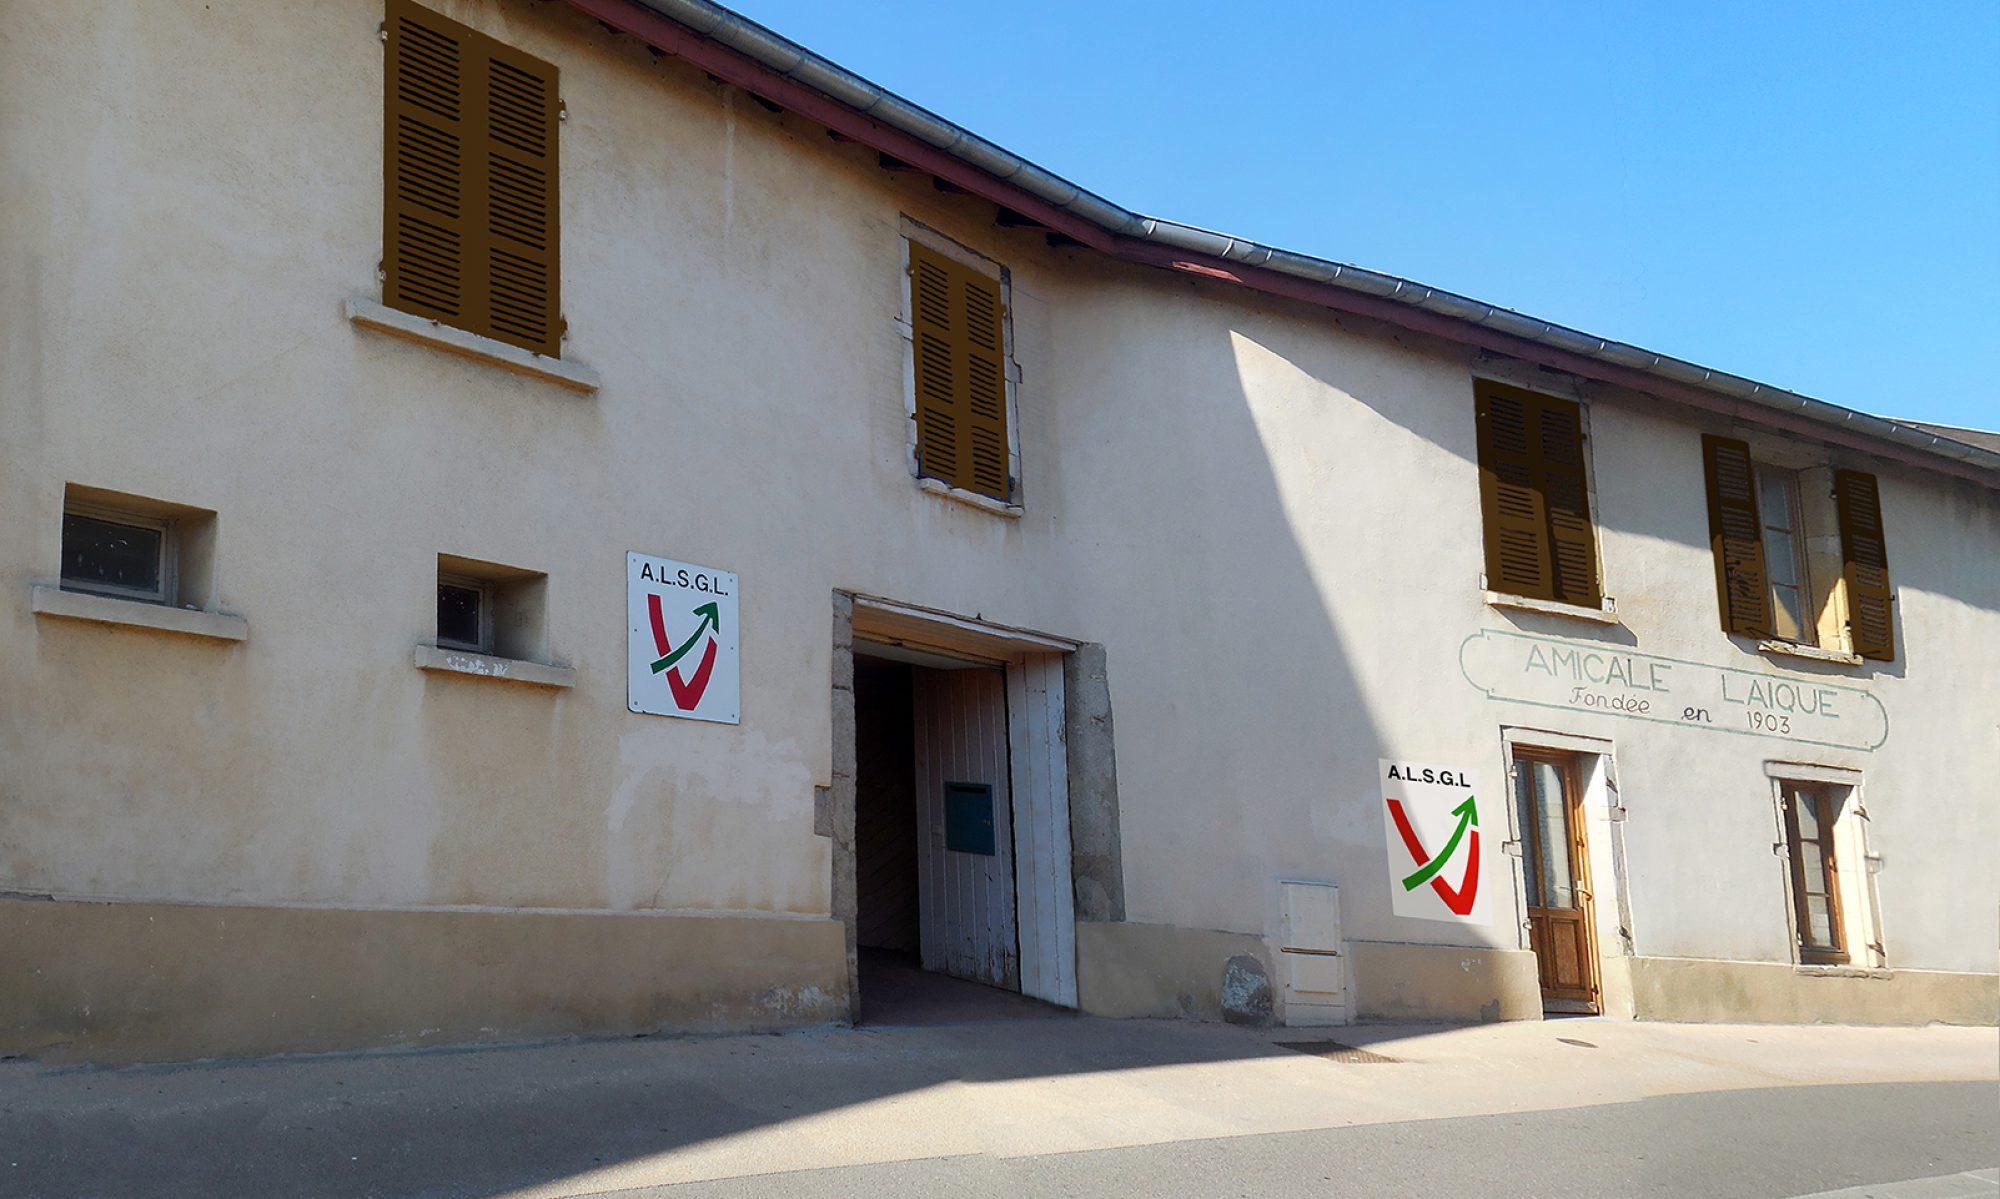 Amicale Laïque de Saint Genis Laval